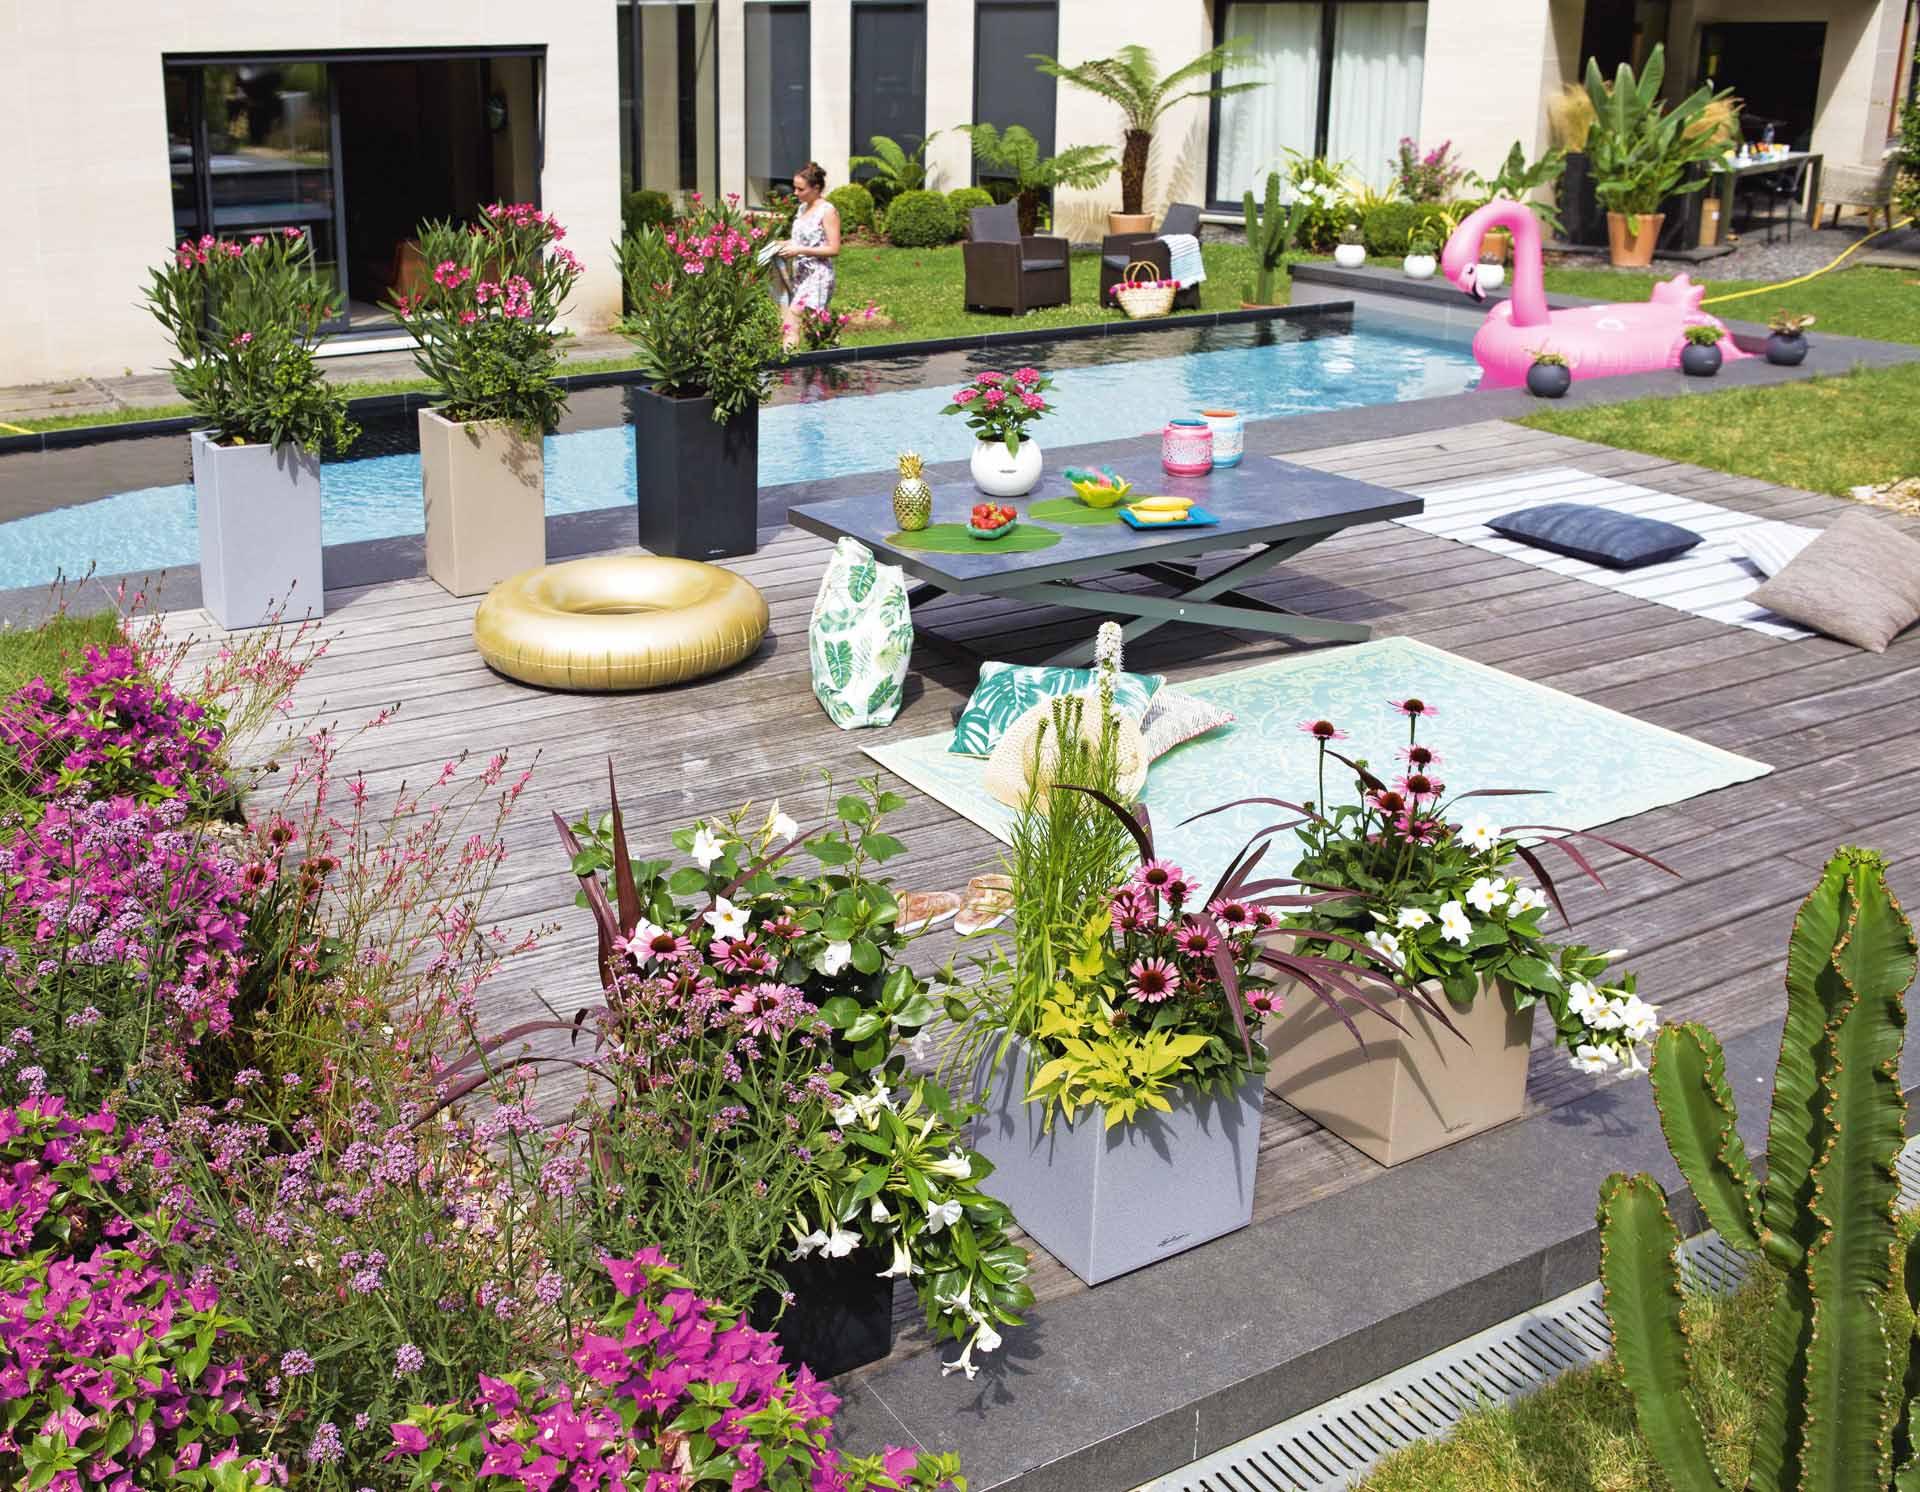 Quelle Piscine Choisir En Fonction De La Surface Du Jardin ? destiné Aménagement Autour D Une Piscine Hors Sol